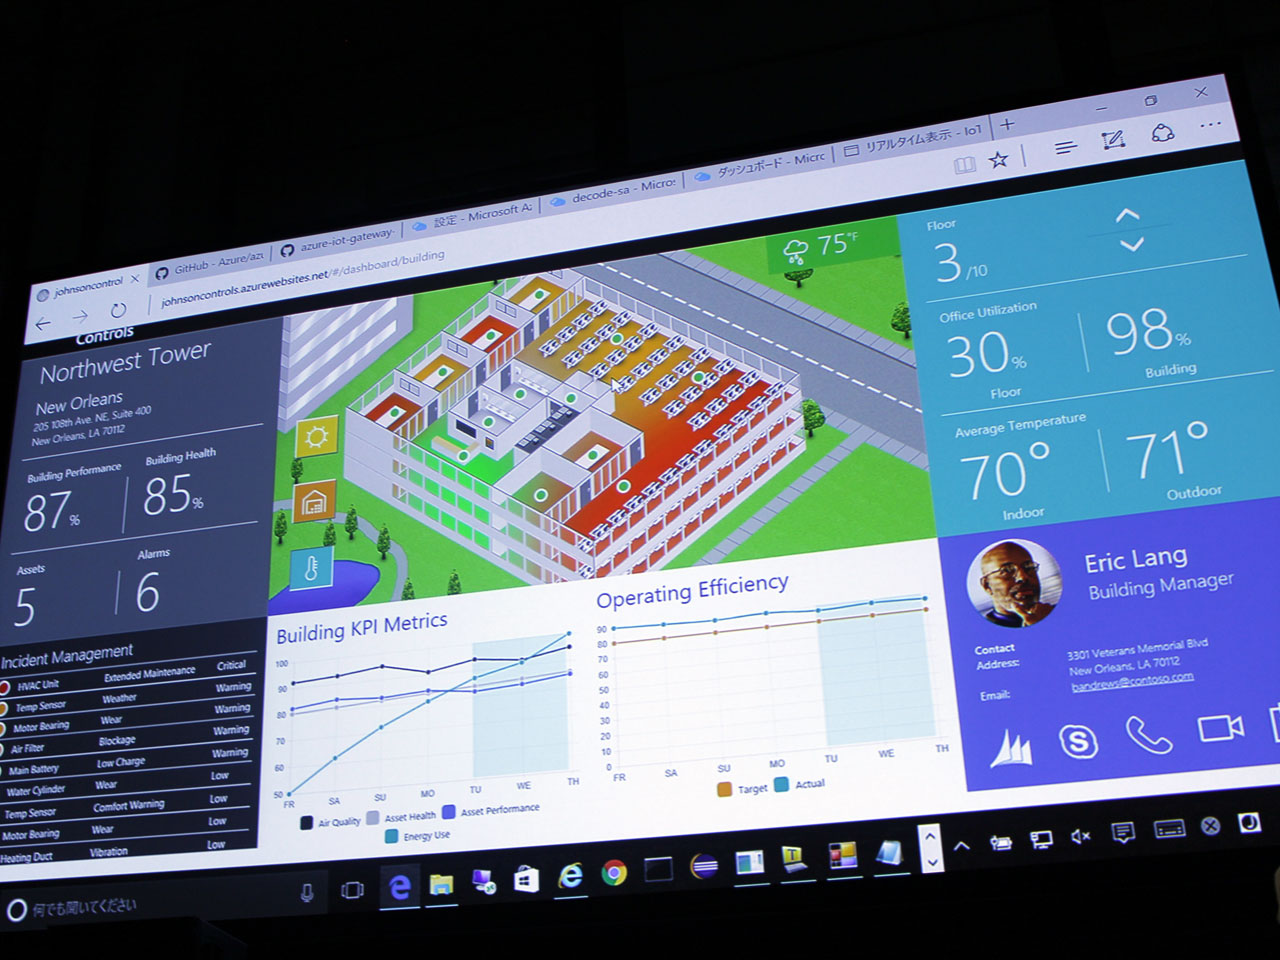 IoT機器からのデータをもとに、ビル内部の状況をリアルタイムに表示。気温や湿度などの情報が表示されている